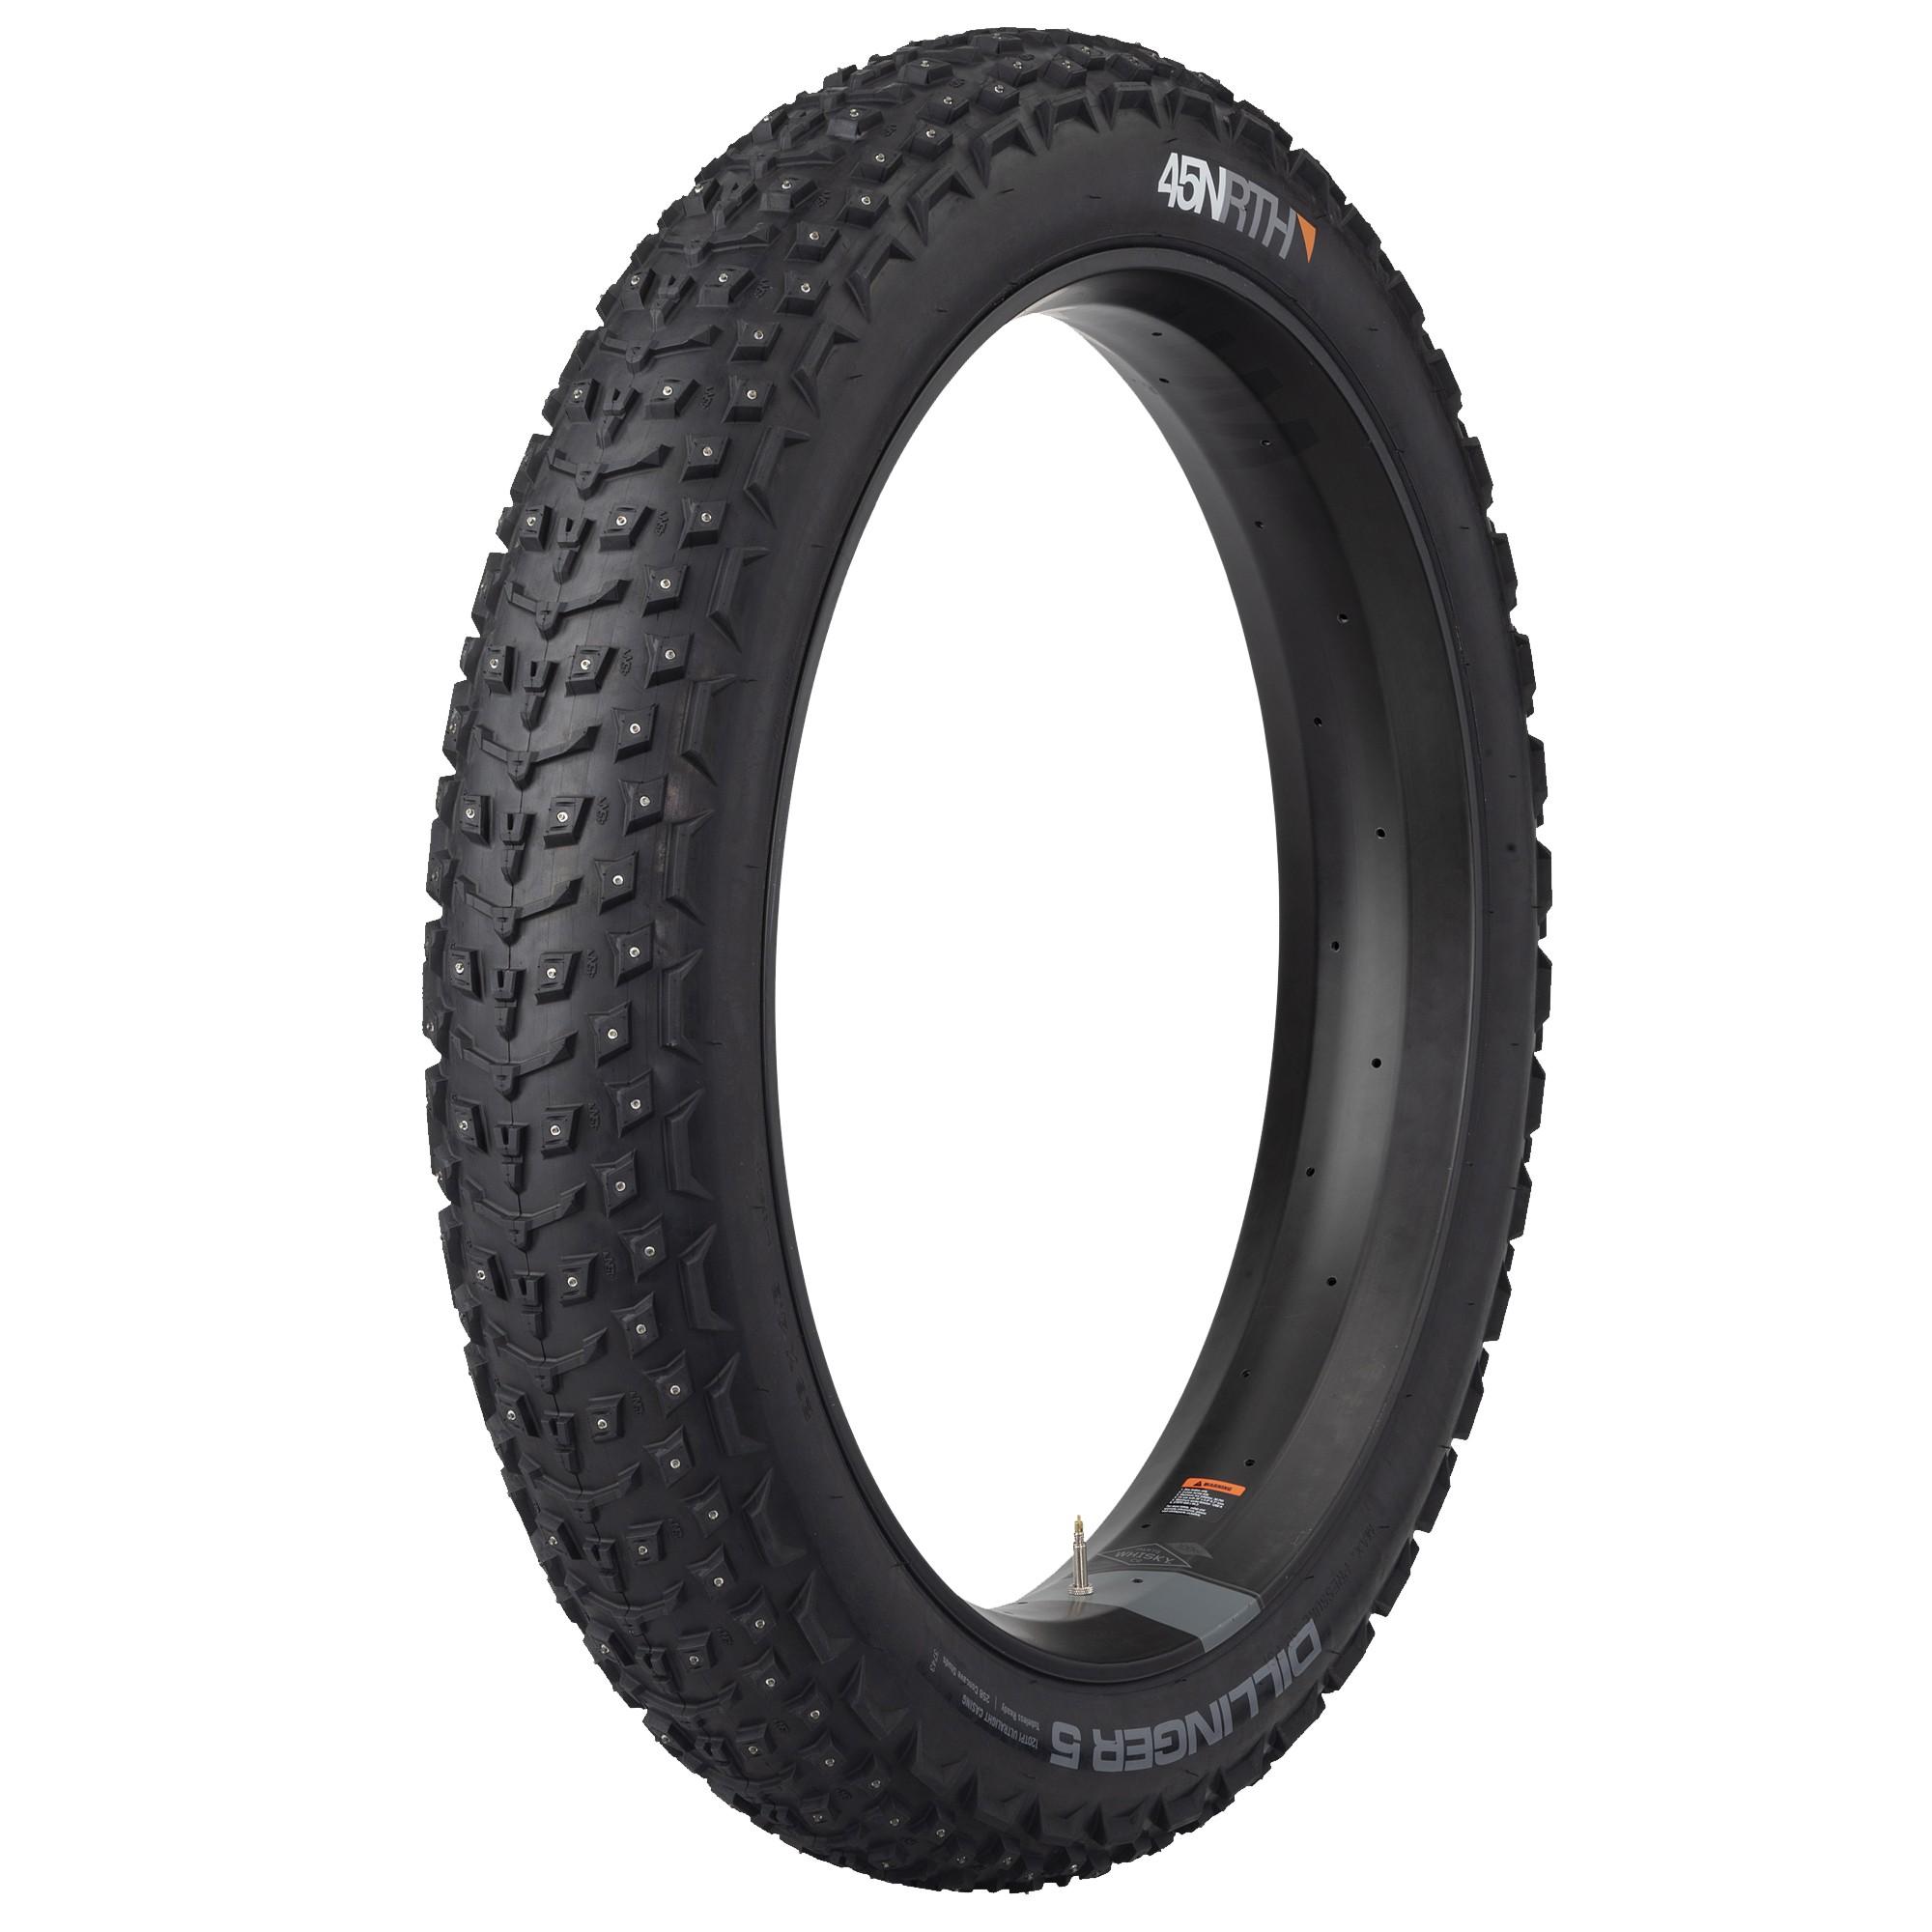 Dillinger 5 26x4,6 120tpi 258 studtire, pigdæk til fatbike, Blå | Tyres